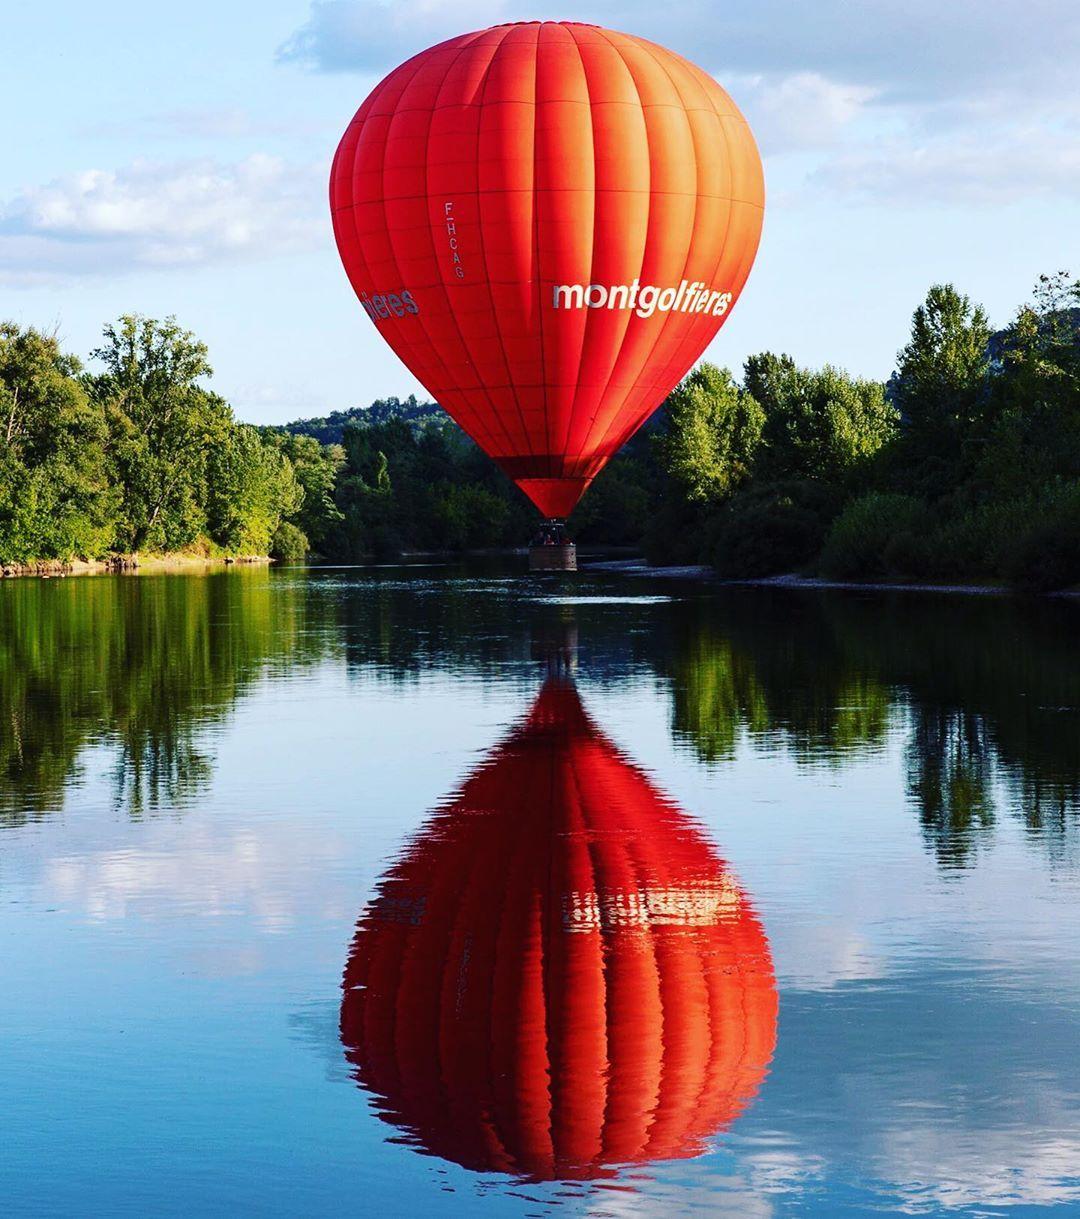 Jakala Julien Sur Instagram Ces Gros Ballons Qui Suivent La Dordogne Au Gre Du Vent La Roque Gageac Perigord Noir Montgolfiere Miroir Do Pumpkin